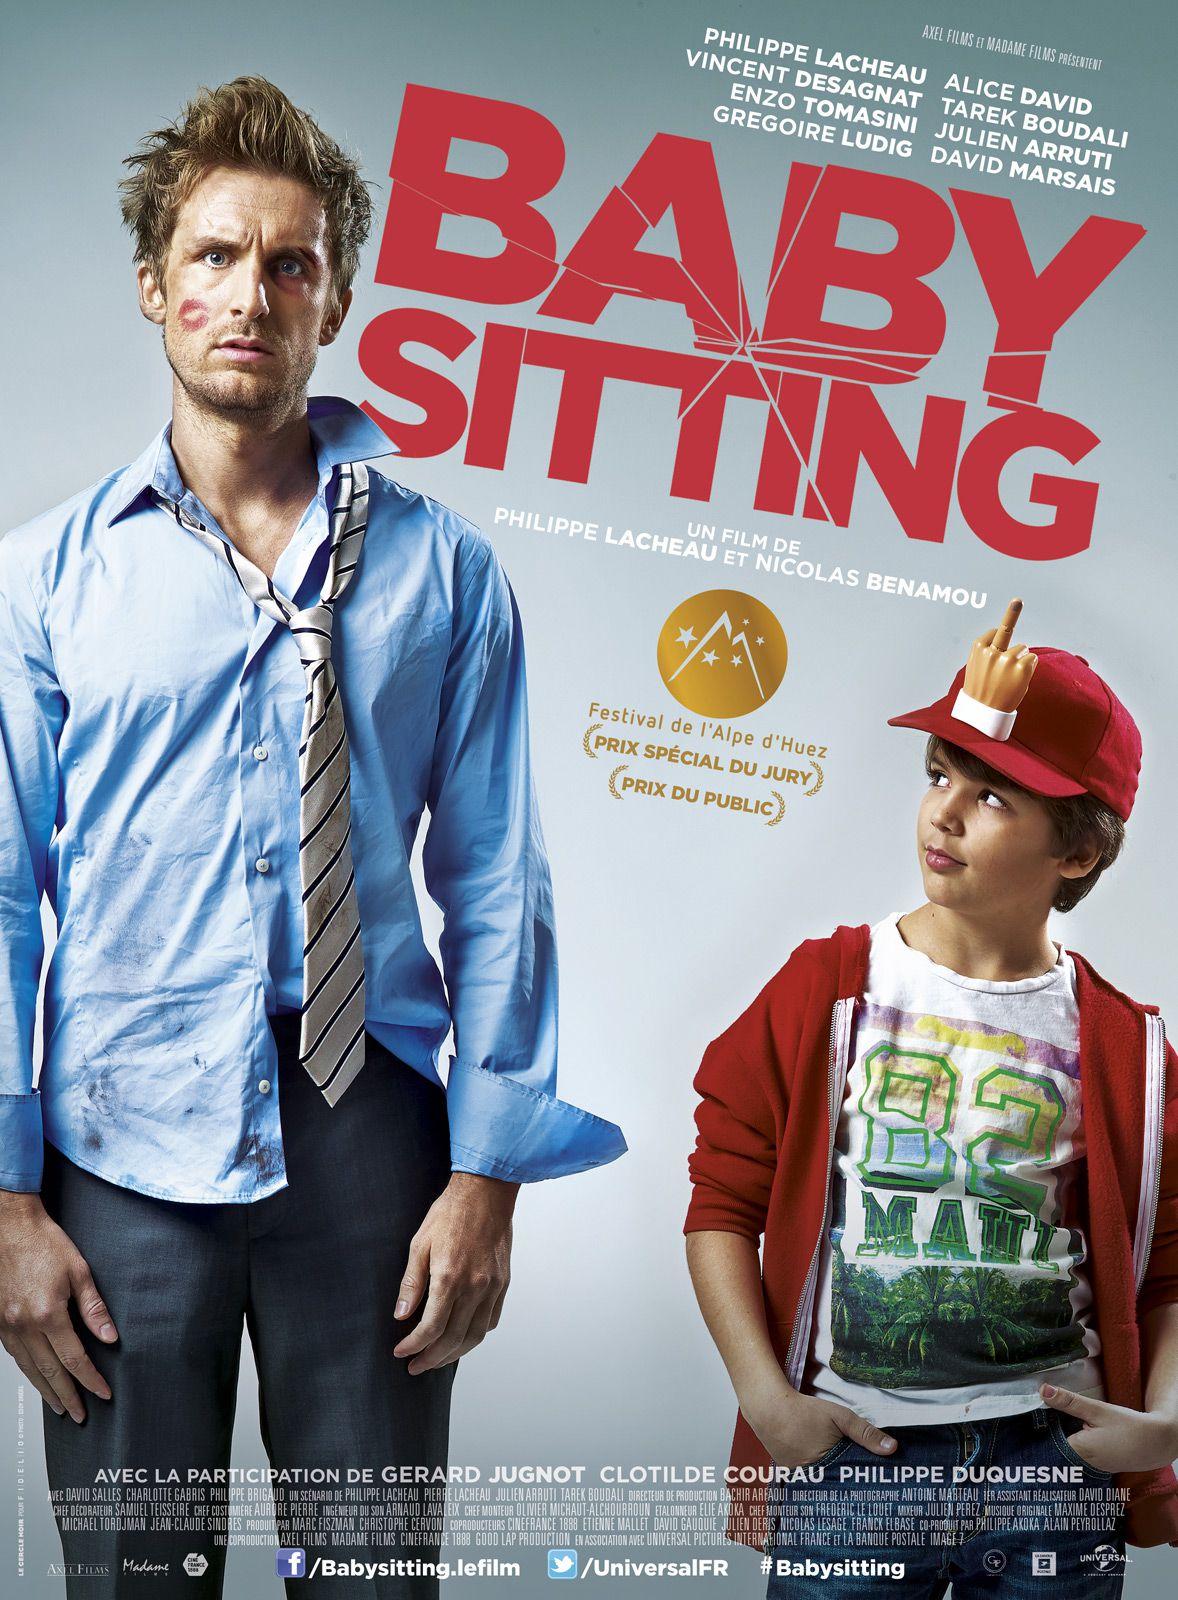 Babysitting - Film (2014)